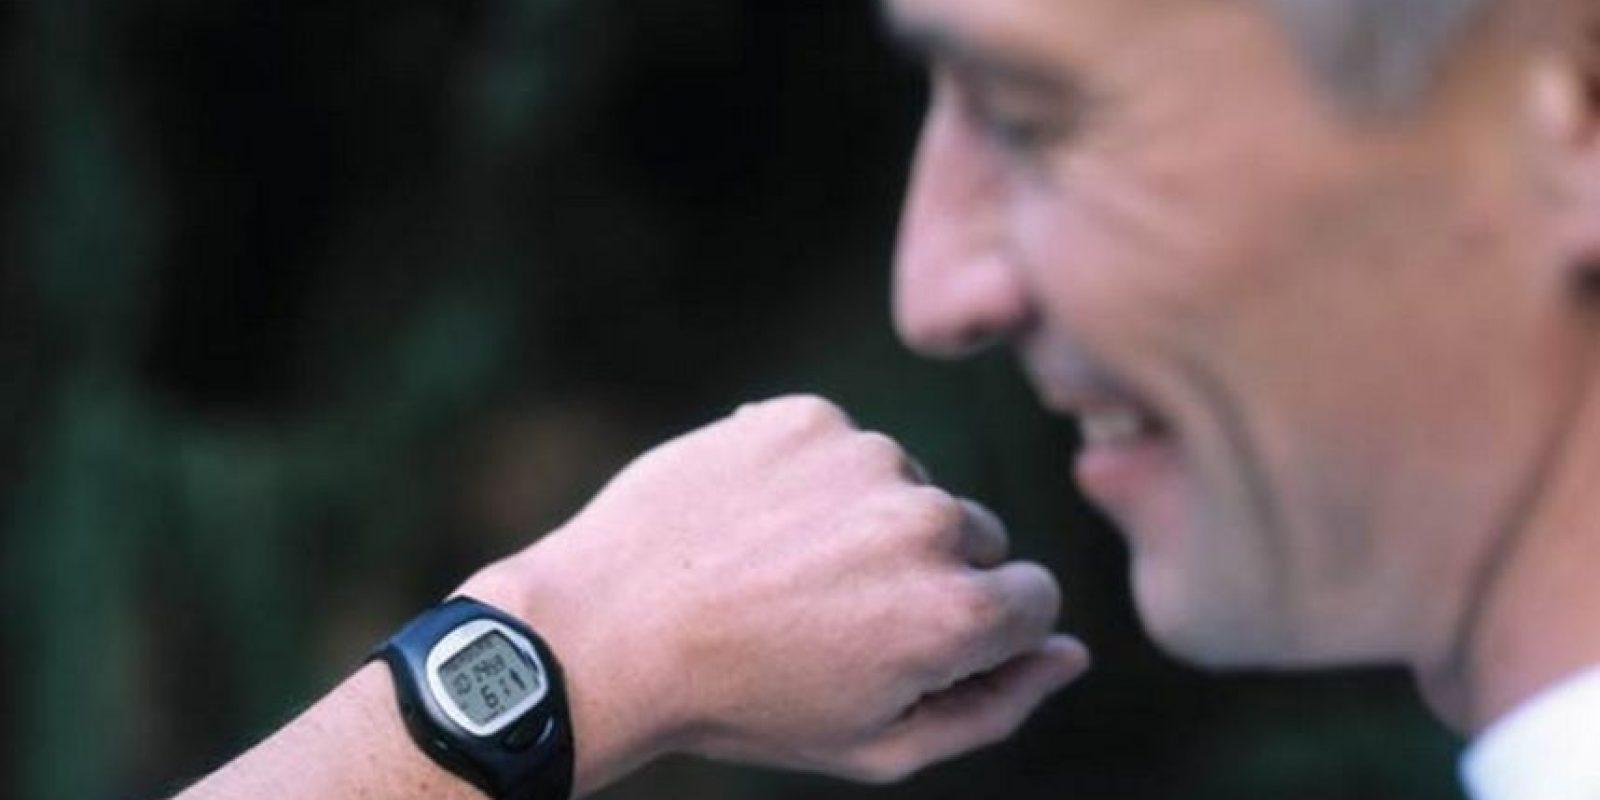 Sensores para el corazón. Muchos hombres maduros necesitan poner cuidado a su corazón. Otros son fanáticos del ejercicio y les interesa medir su rendimiento cardiovascular. Un smartwatch es el gadget perfecto para estas situaciones. Foto:Wikicommons